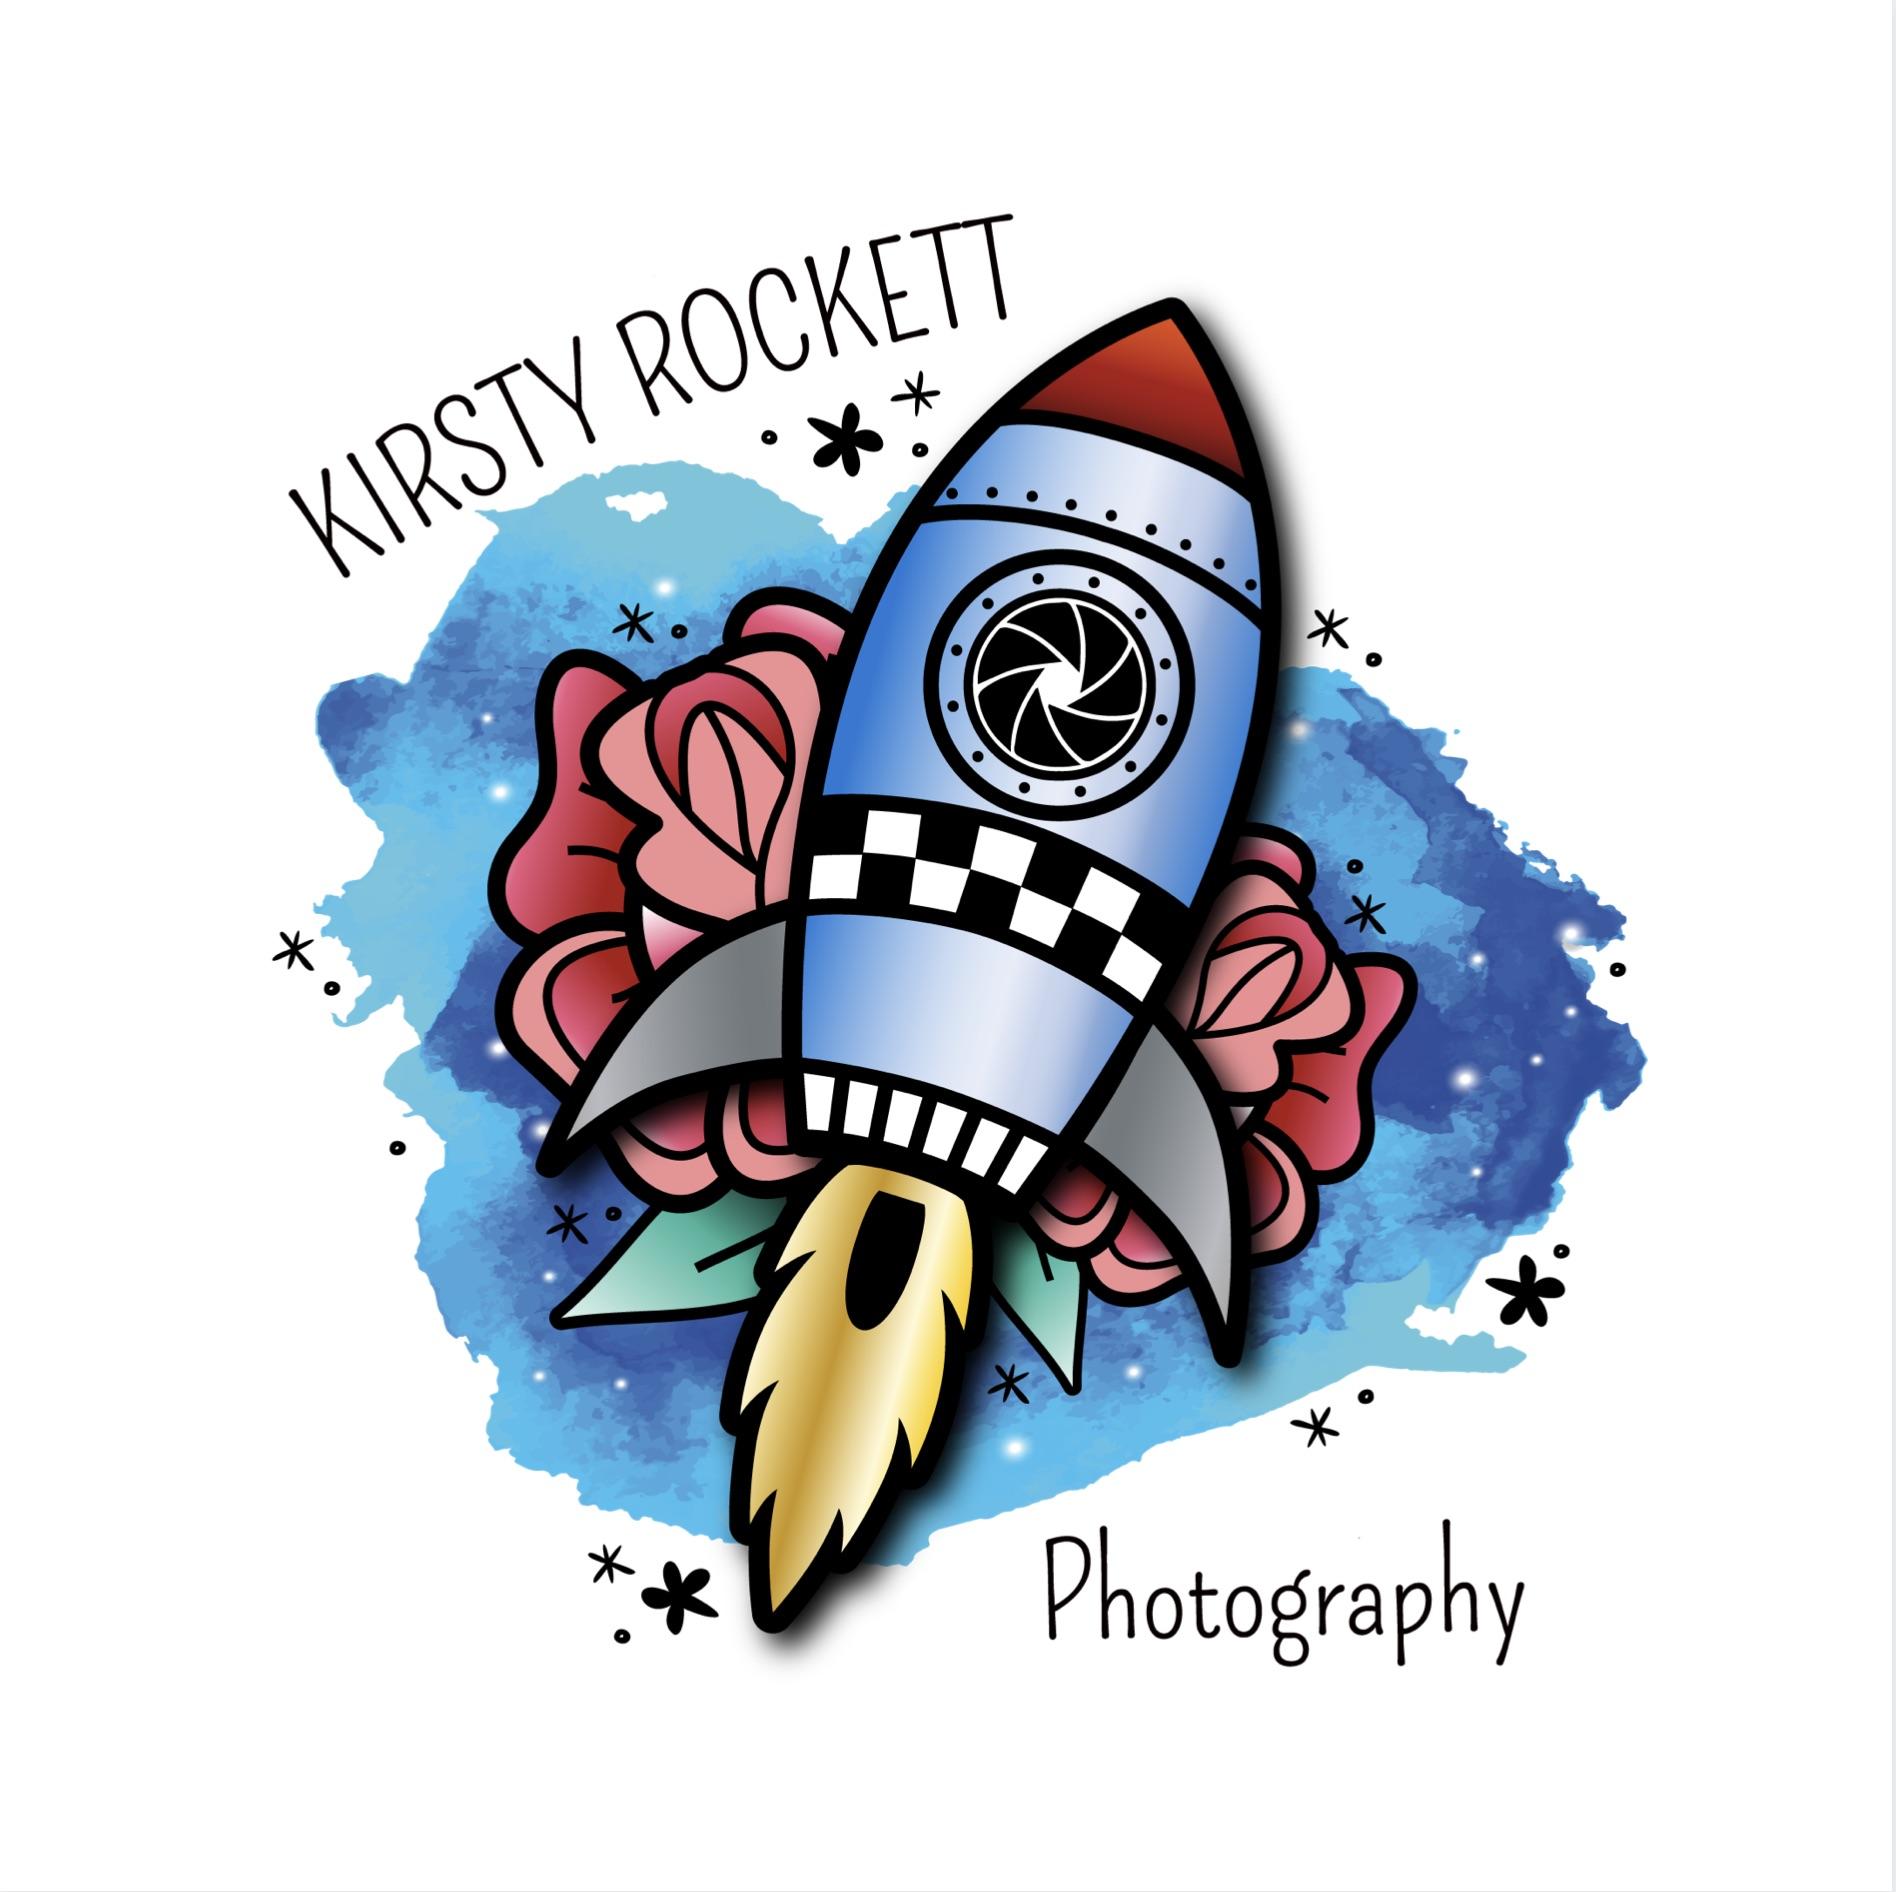 Kirsty Rockett Logo